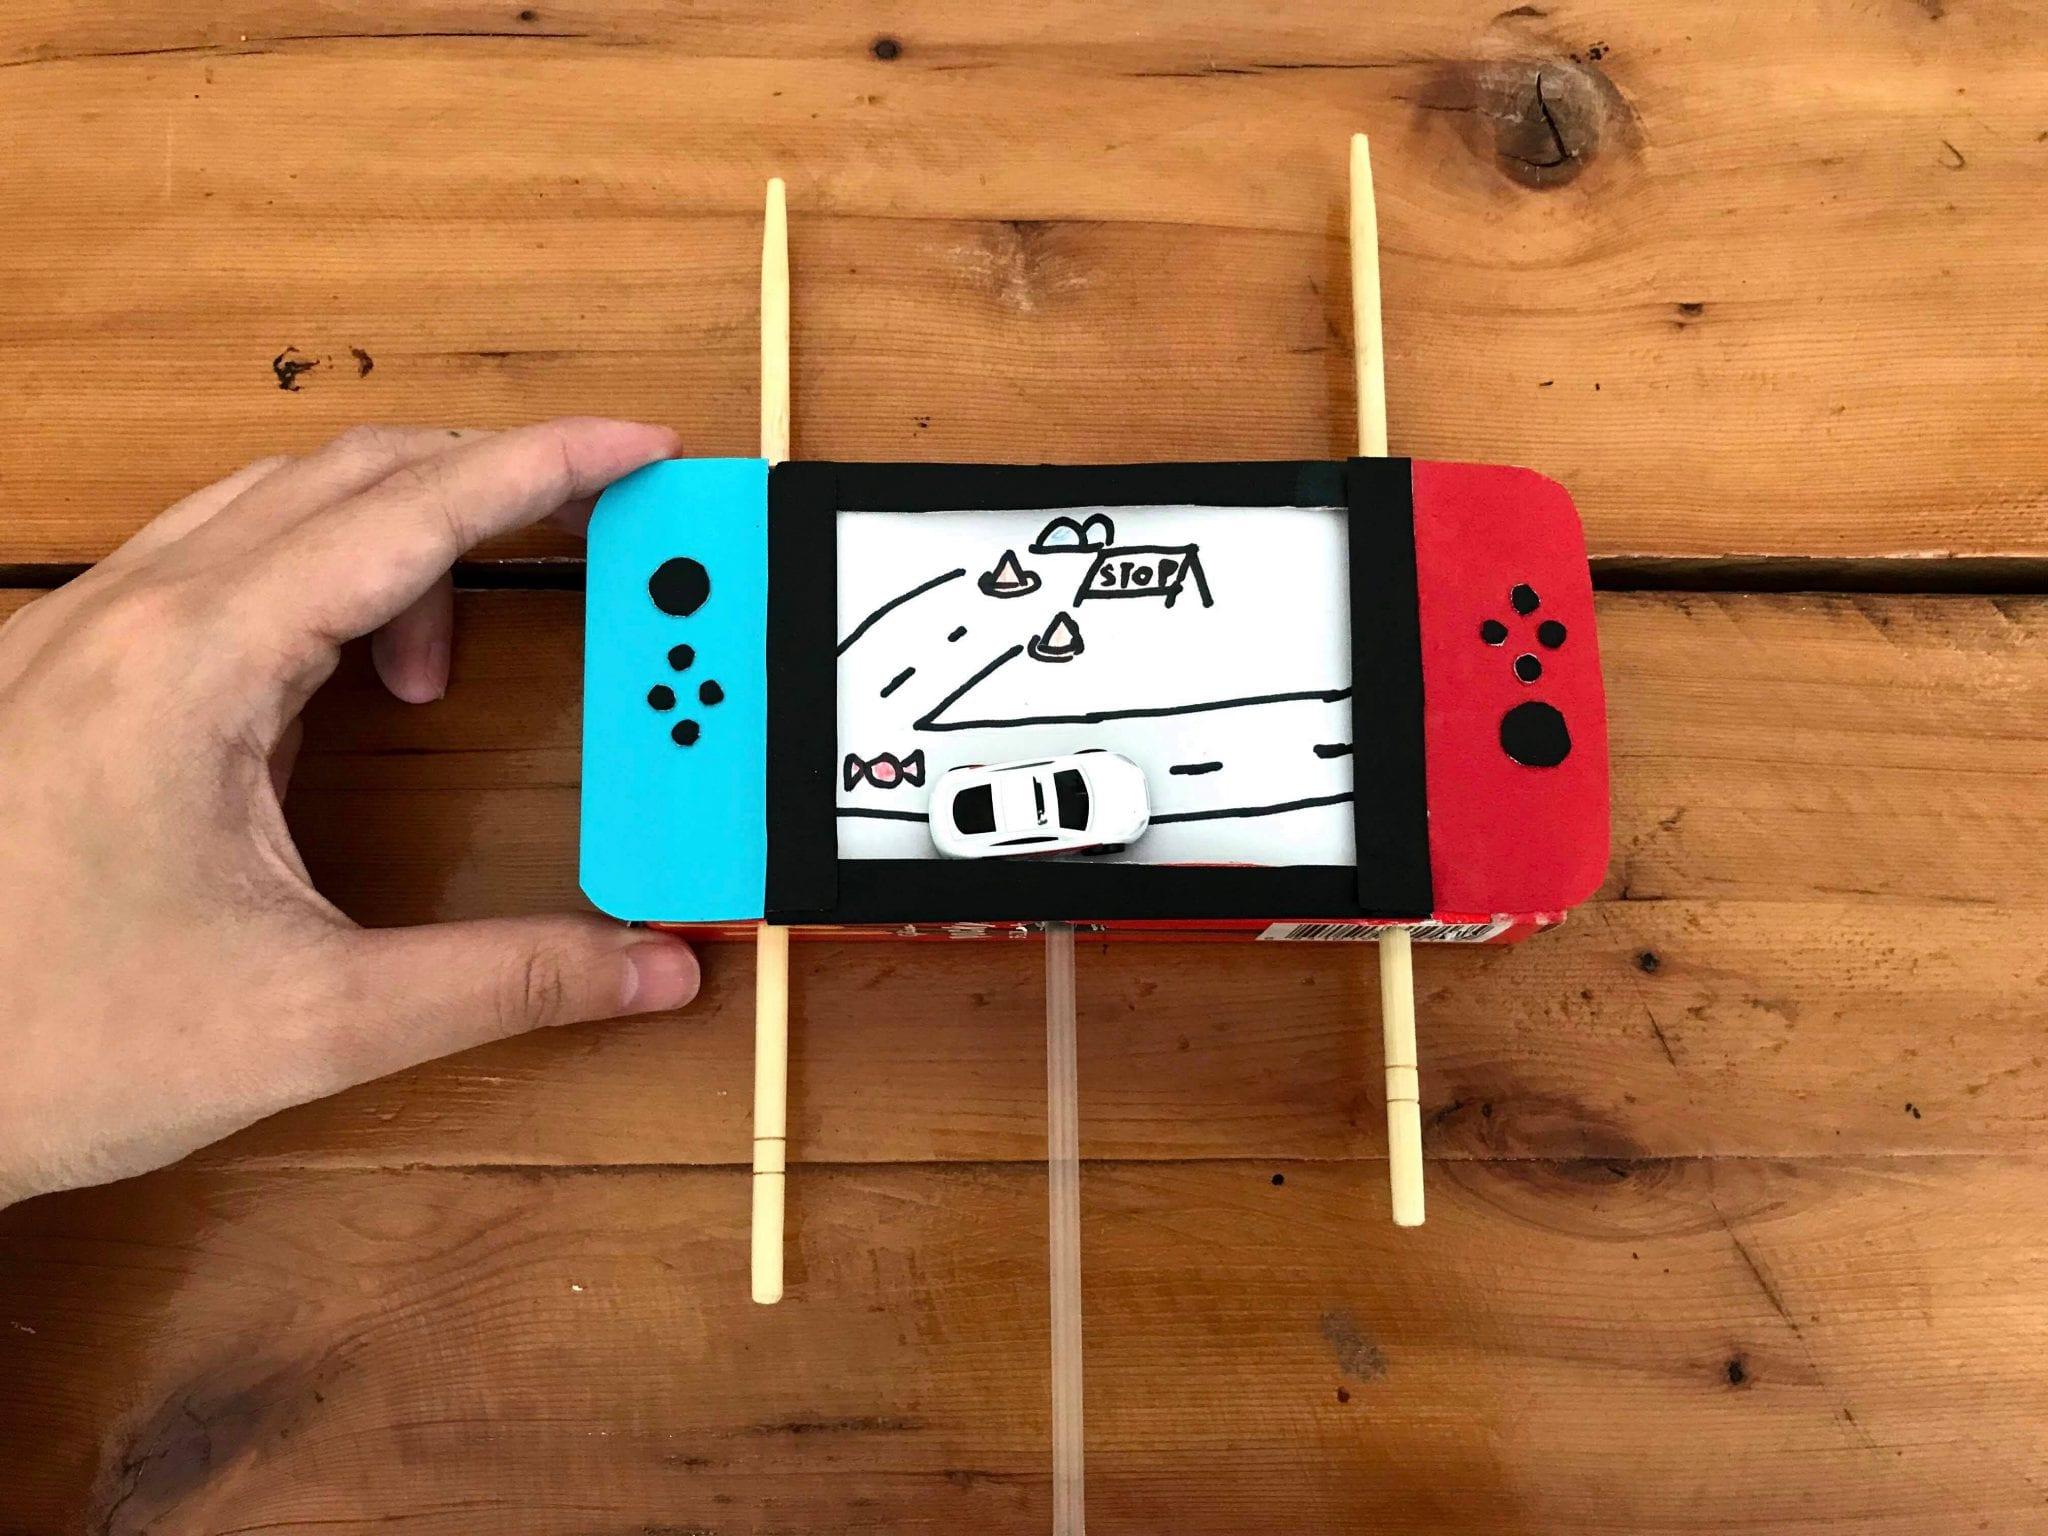 自製玩具-餅乾盒變身Switch